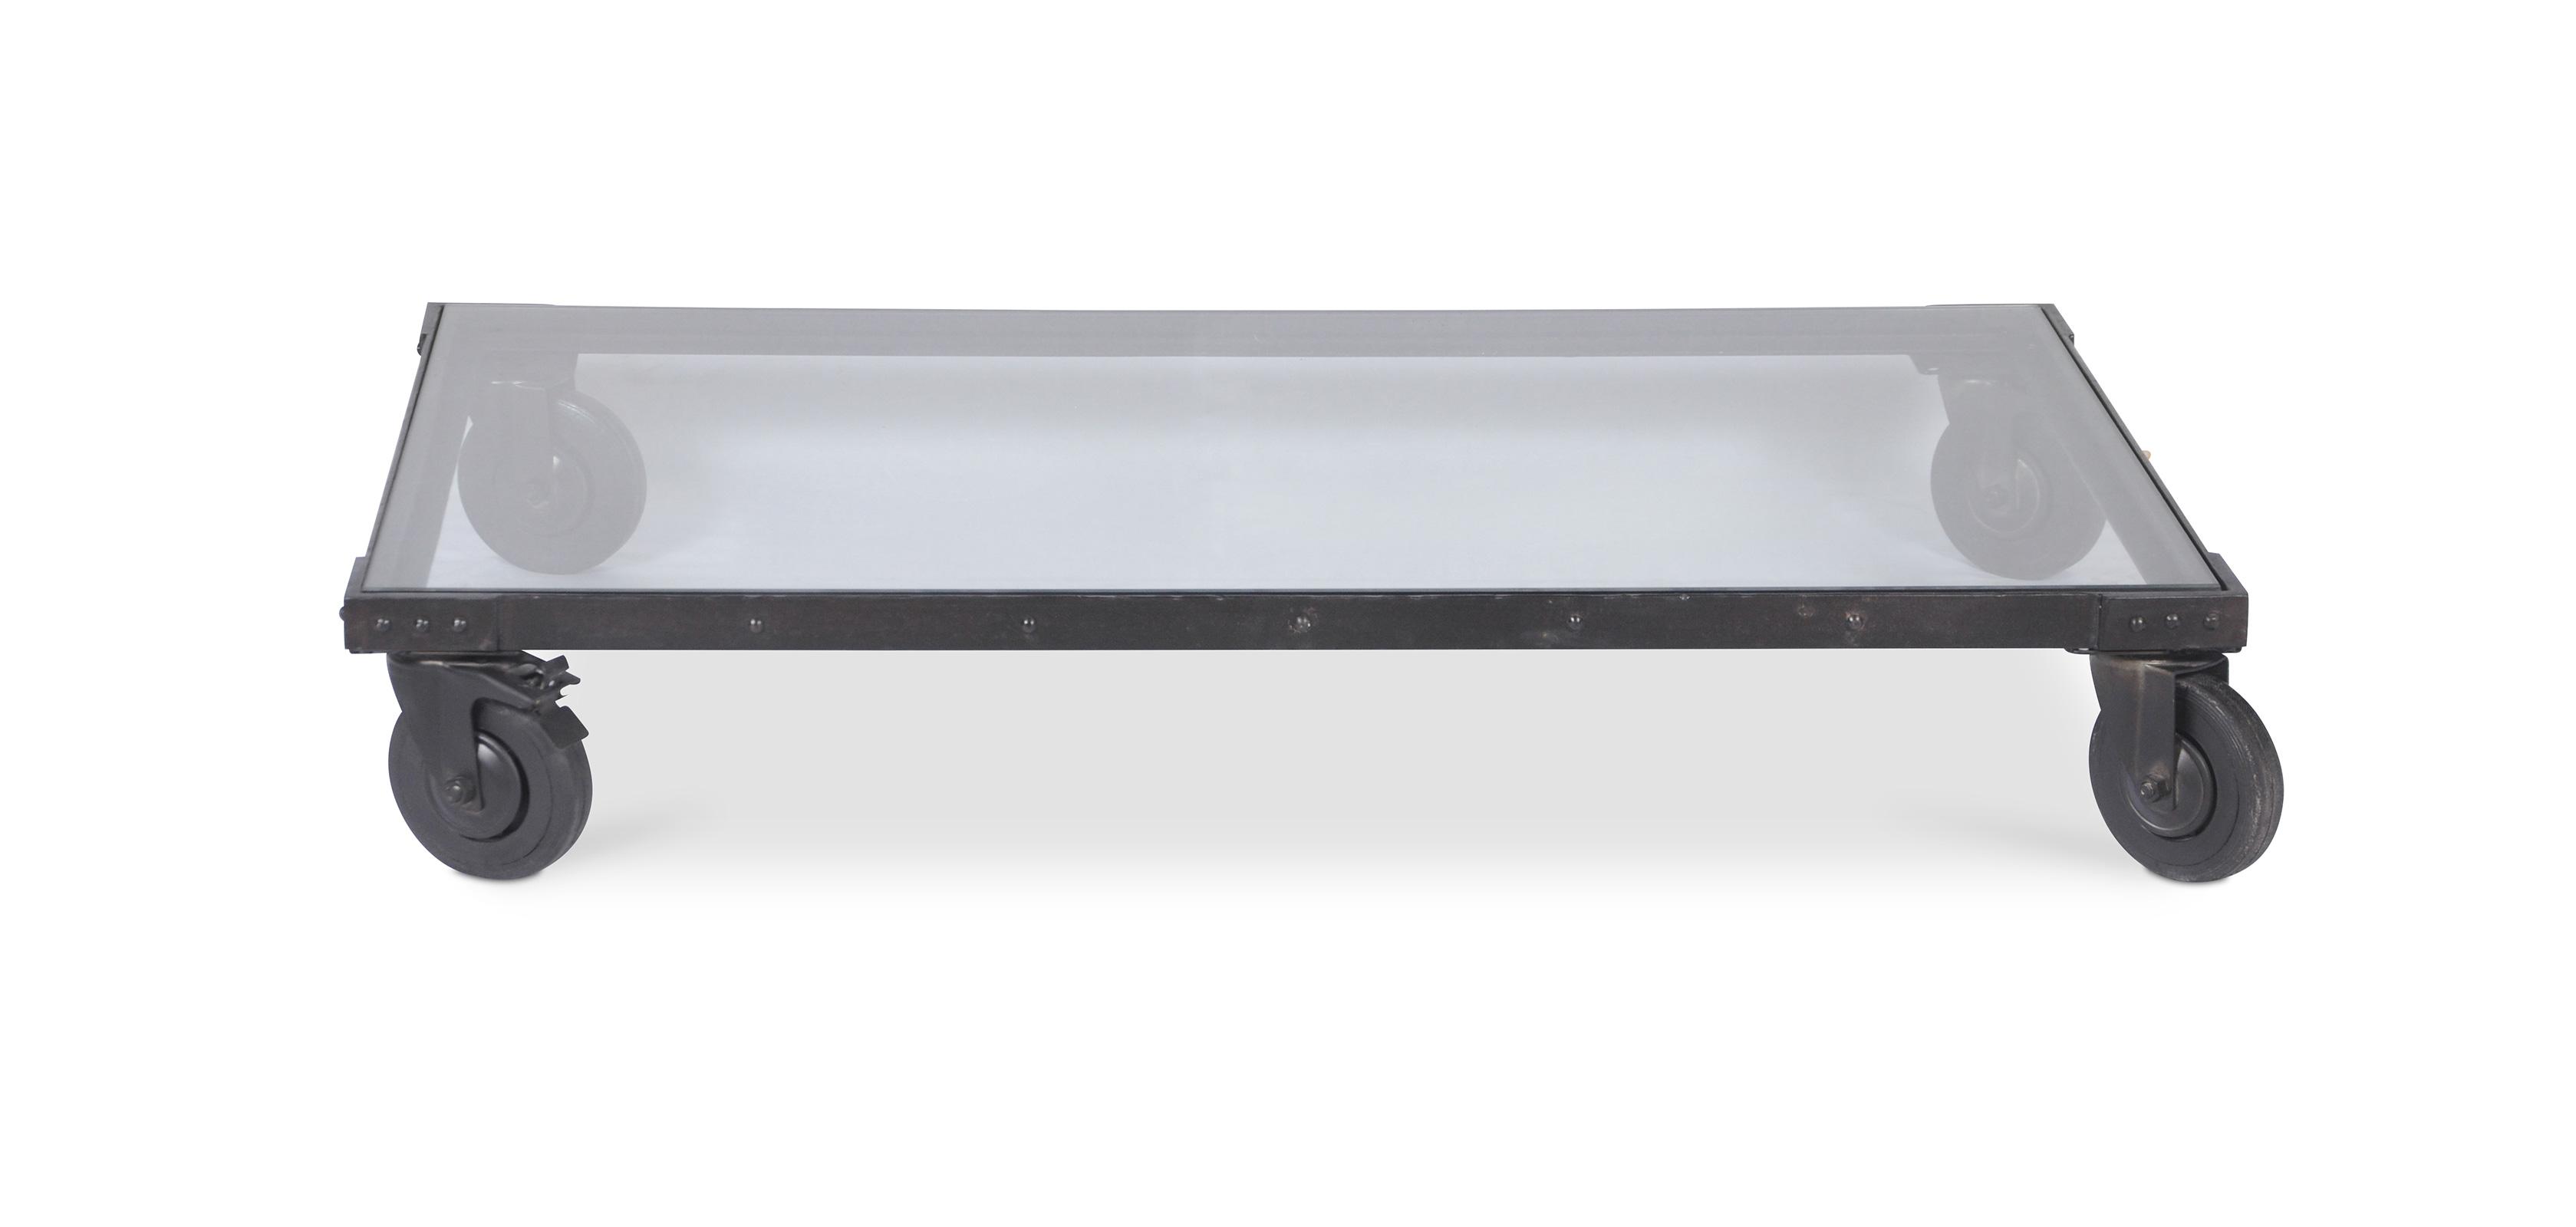 table basse vintage industriel acier et verre. Black Bedroom Furniture Sets. Home Design Ideas